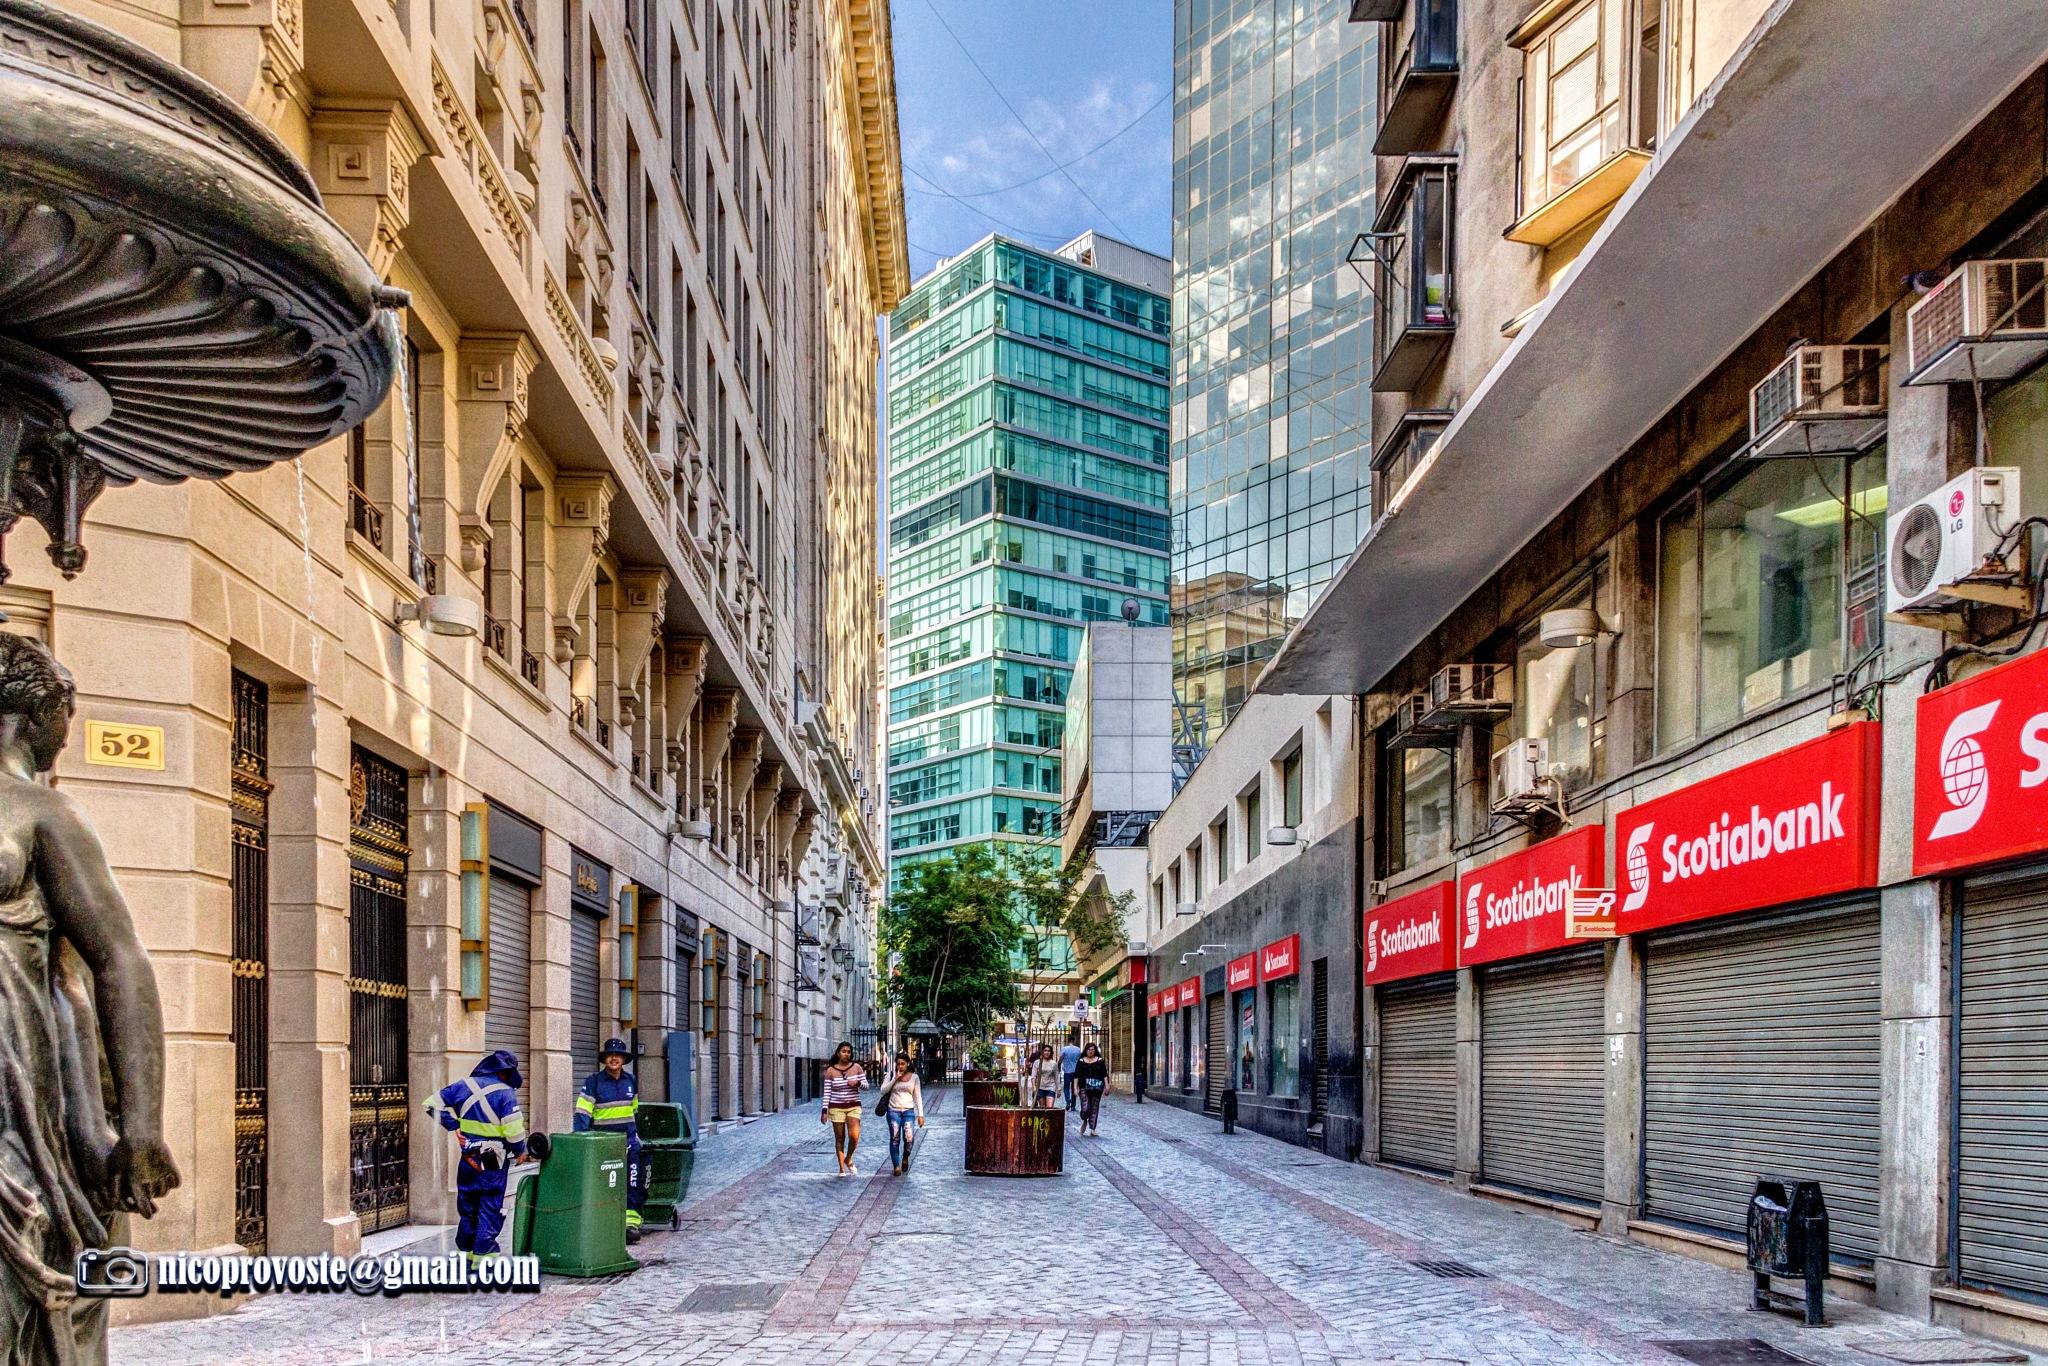 Calle Nueva York, Santiago de Chile by nicolasprovoste